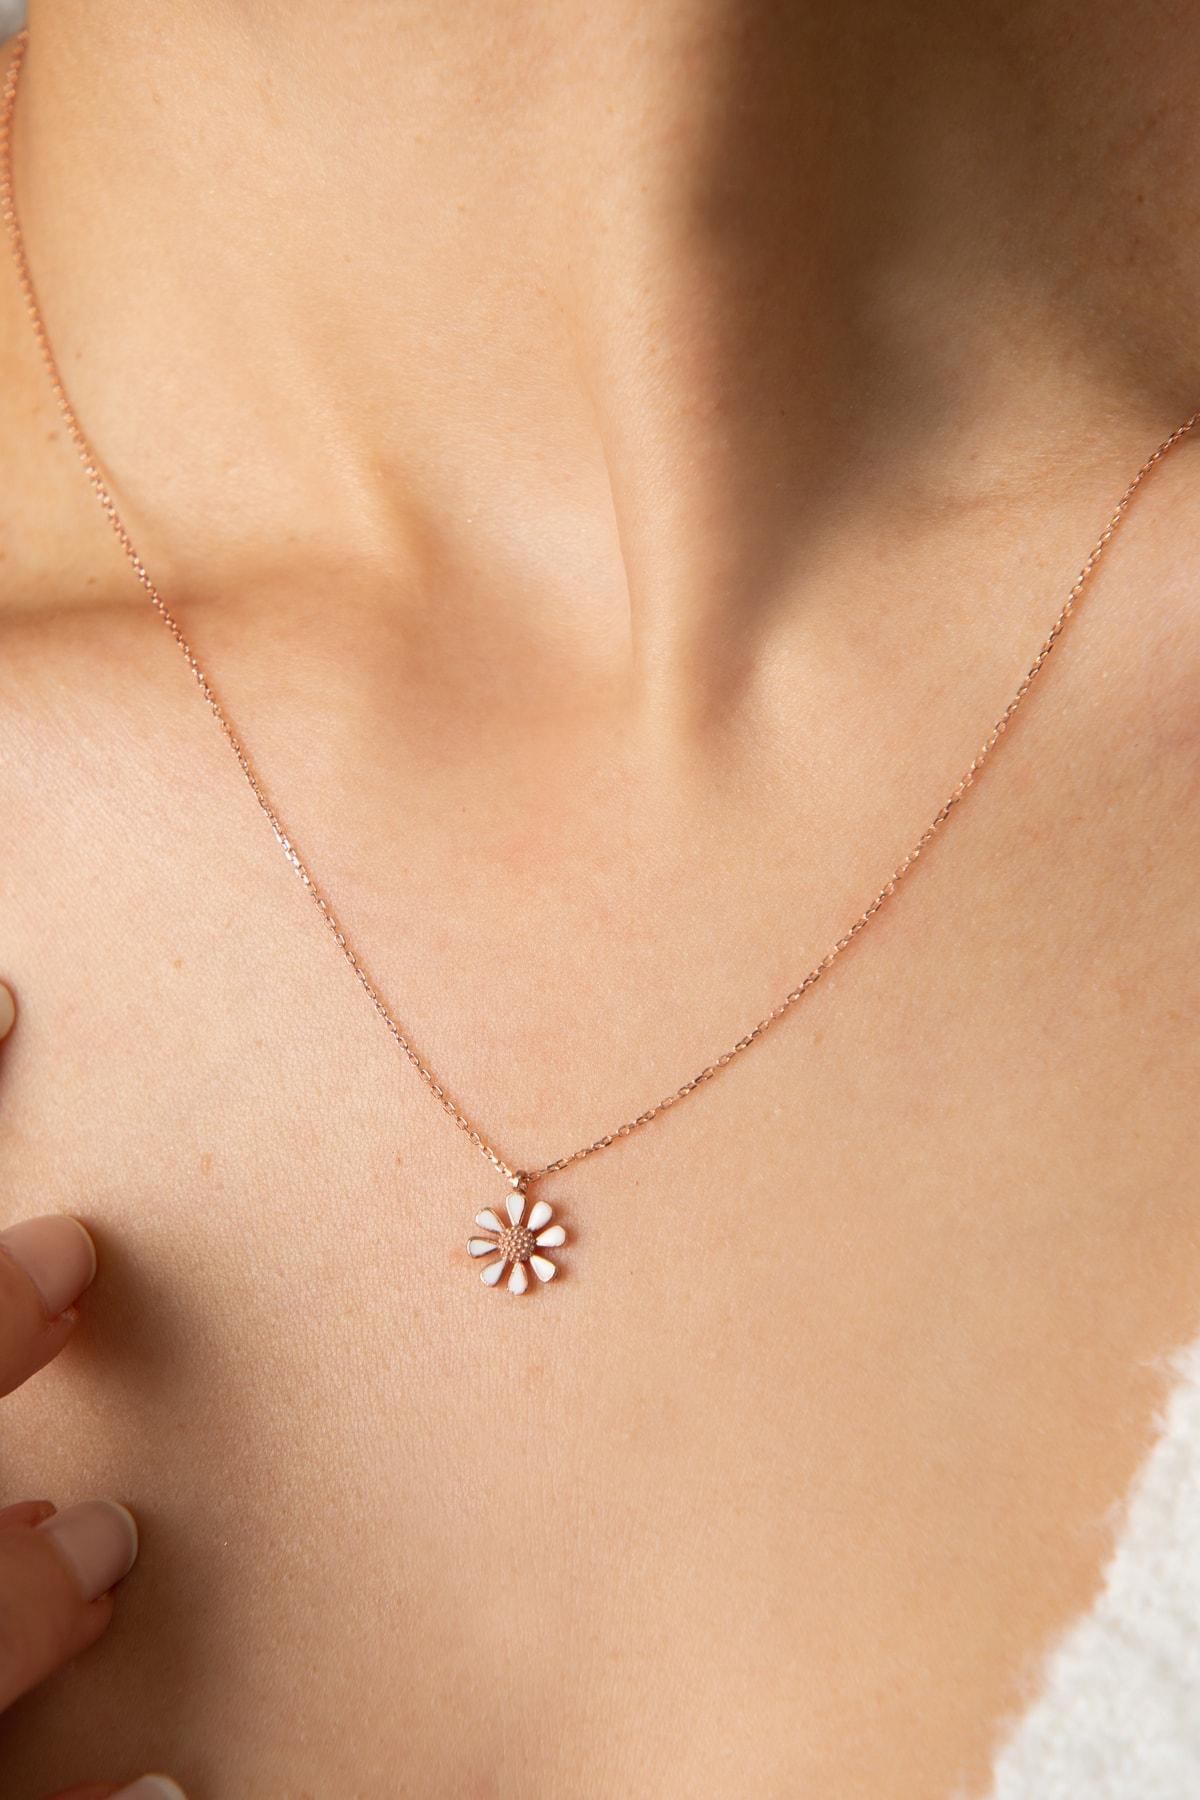 Elika Silver Kadın Rose Kaplama Mineli Papatya Model 925 Ayar Gümüş Kolye 2